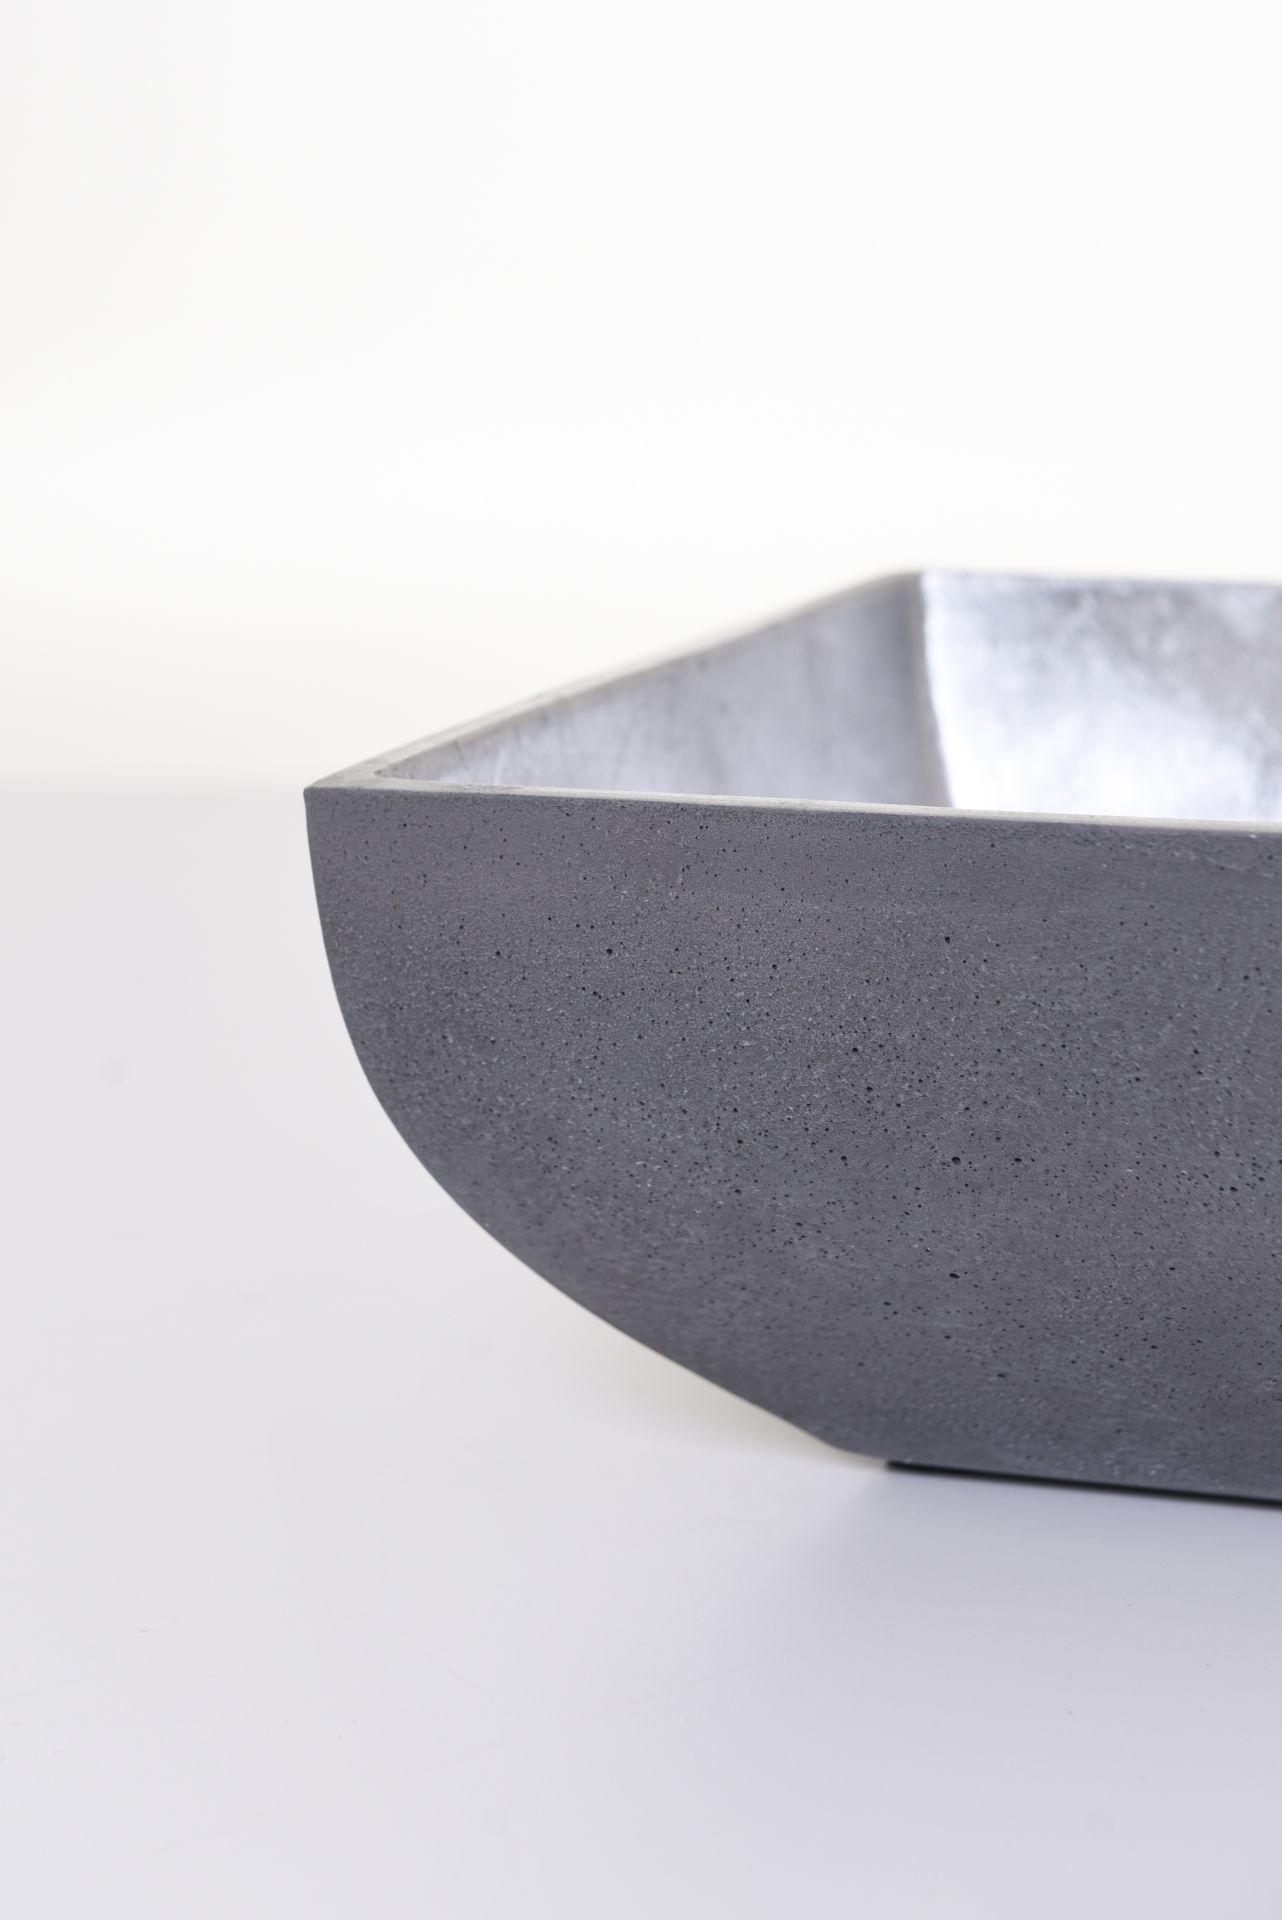 """Anthrazit Silber Pflanzschale Dekoschale Schale Sandstein /""""Aglaia/"""" 11x38x24 cm"""